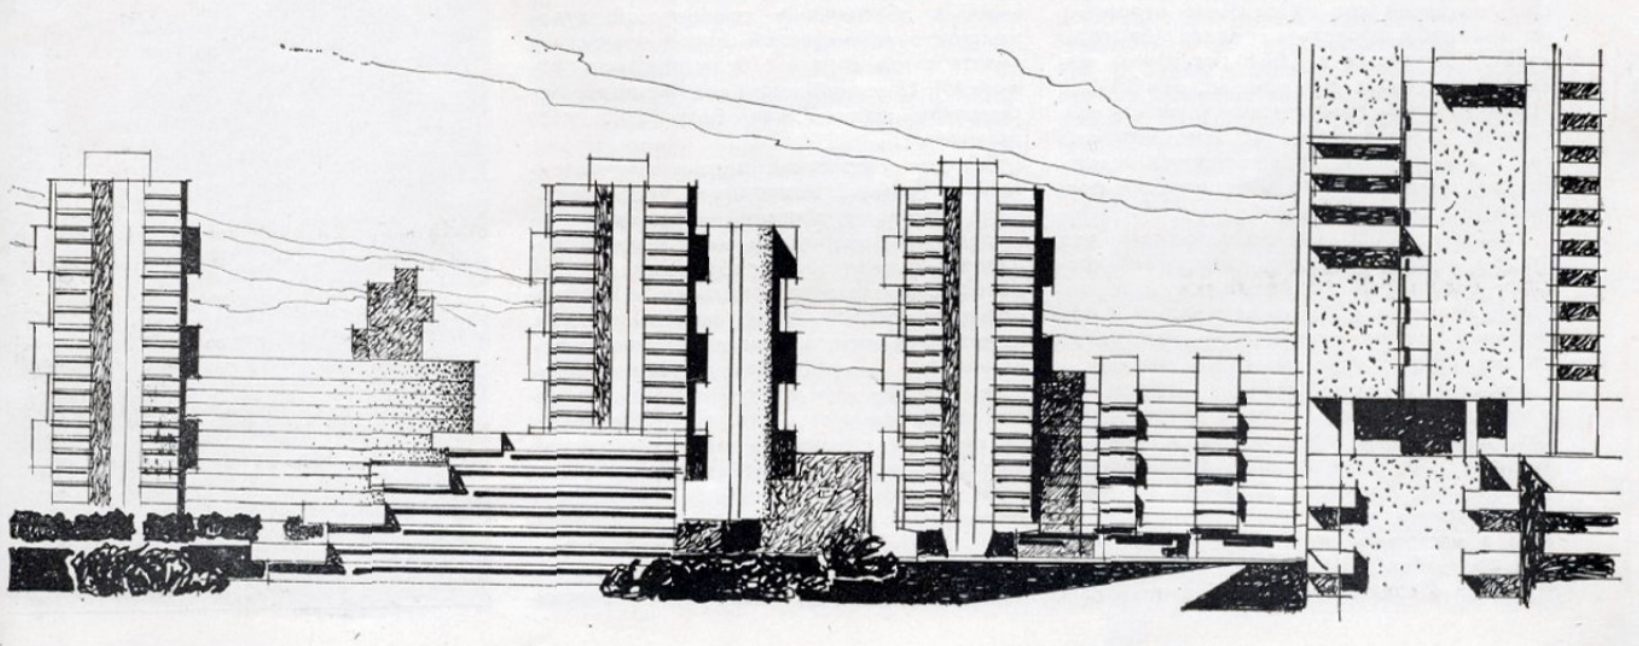 Универсальный и всеохватный метод позволял строить так же дёшево, но без ограничений фантазии